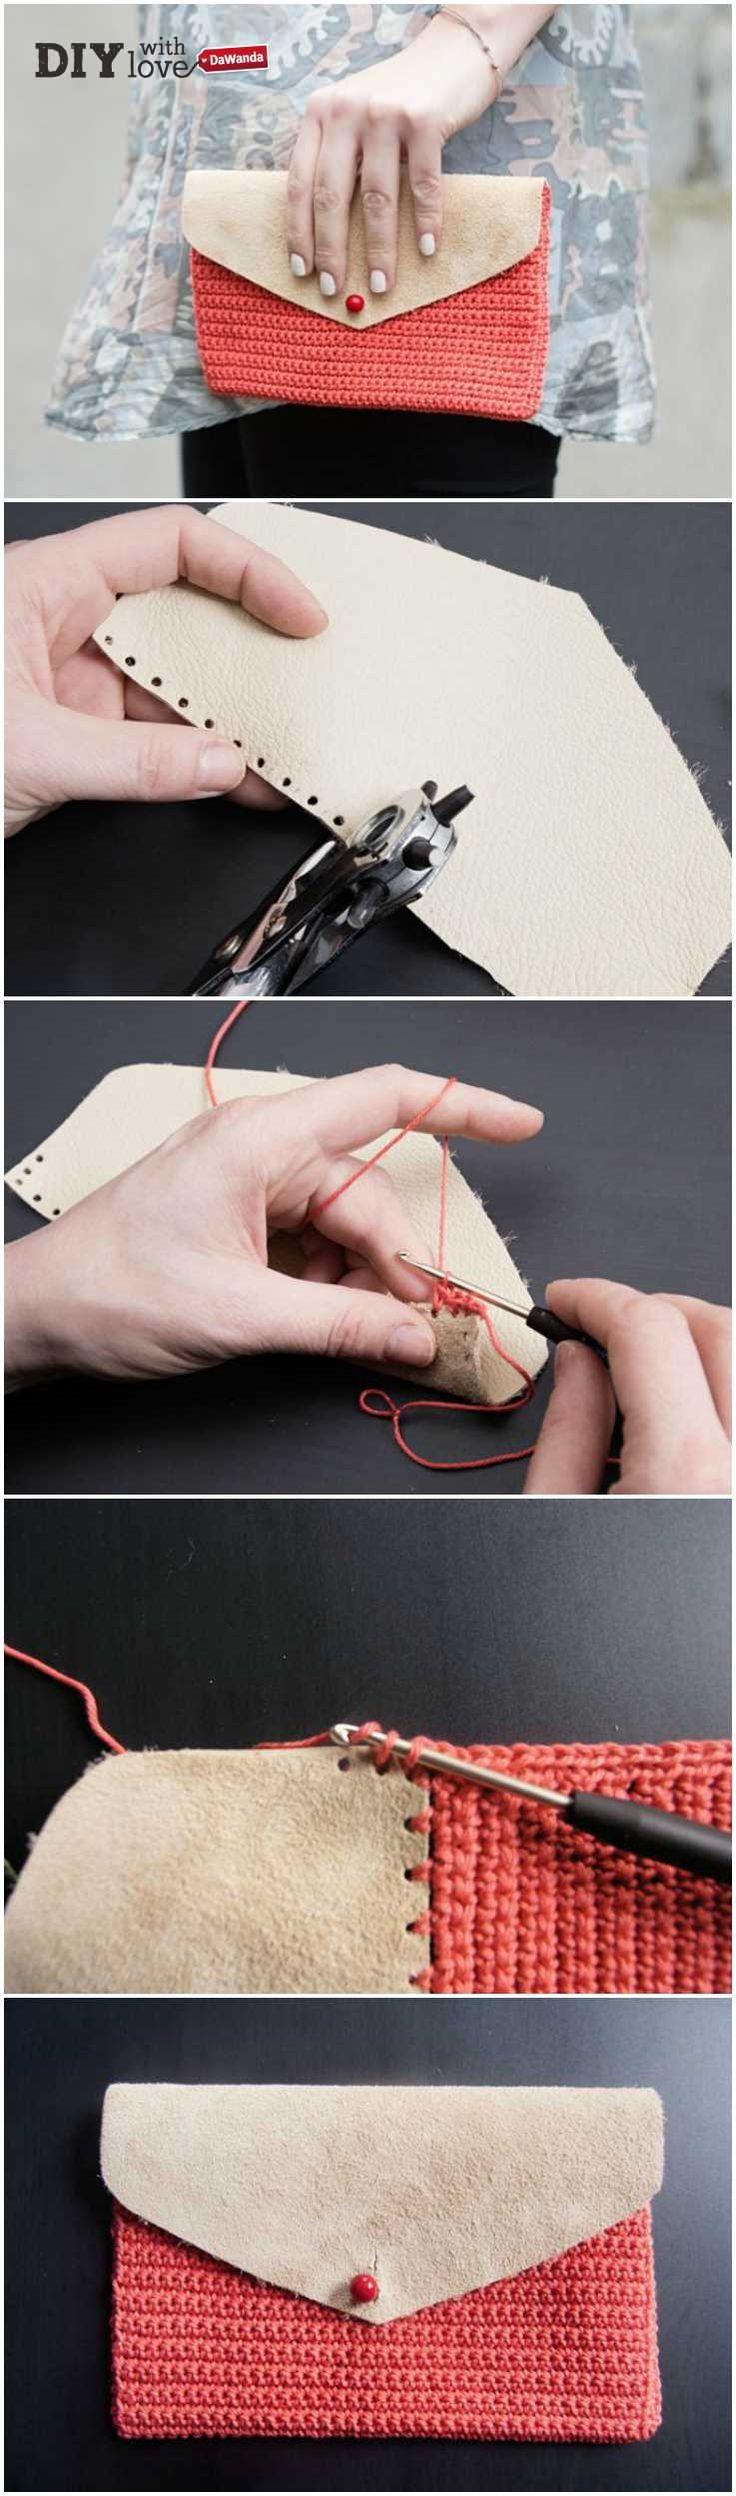 Un ritaglio di pelle e cotone lavorato a crochet: ecco come creare passo passo questa pochette - http://it.dawanda.com/tutorial-fai-da-te/uncinetto/come-realizzare-pochette-pelle-cotone-uncinetto